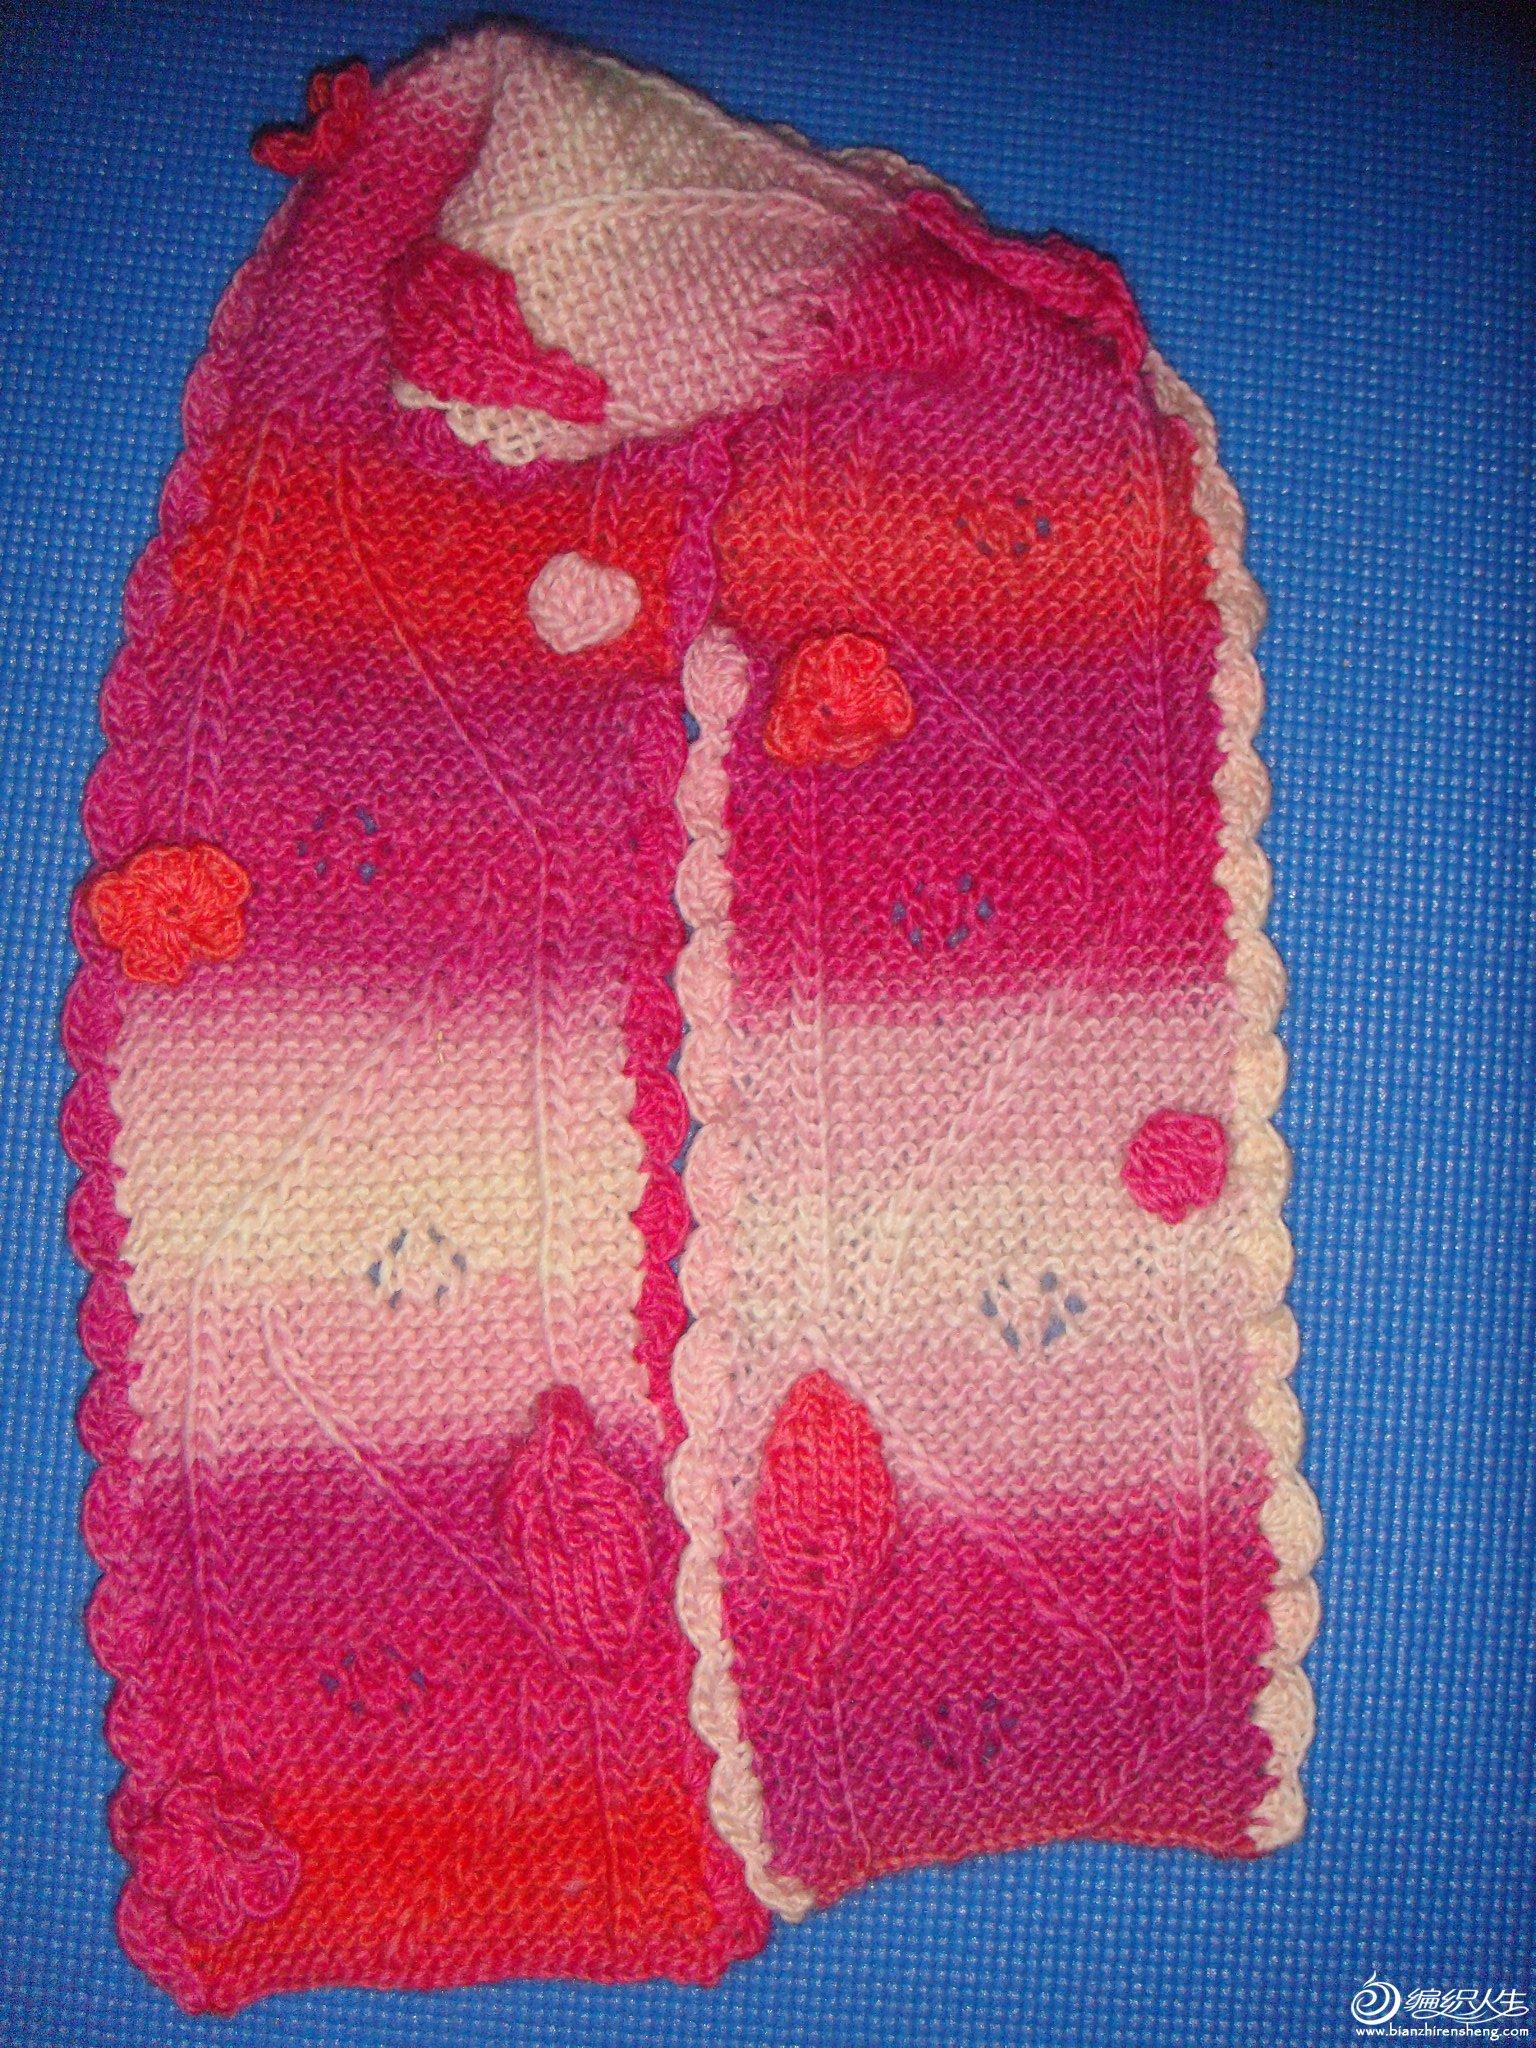 大紫大红花儿开围巾